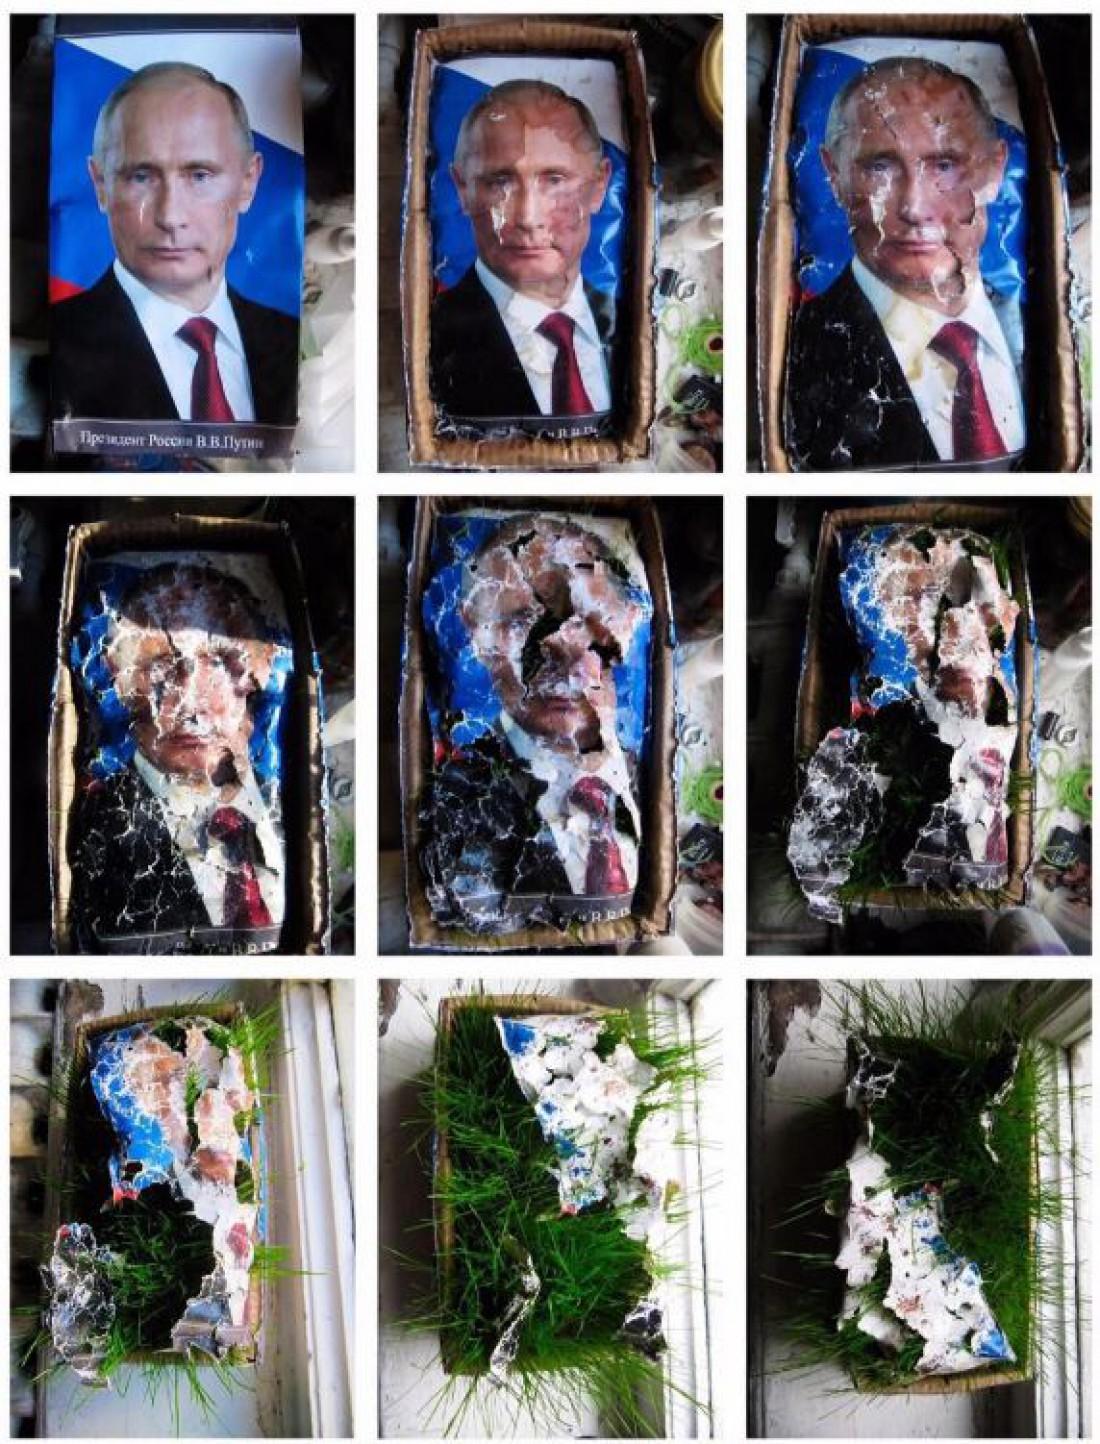 Фото растений, растущих сквозь Путина, не понравилось полиции